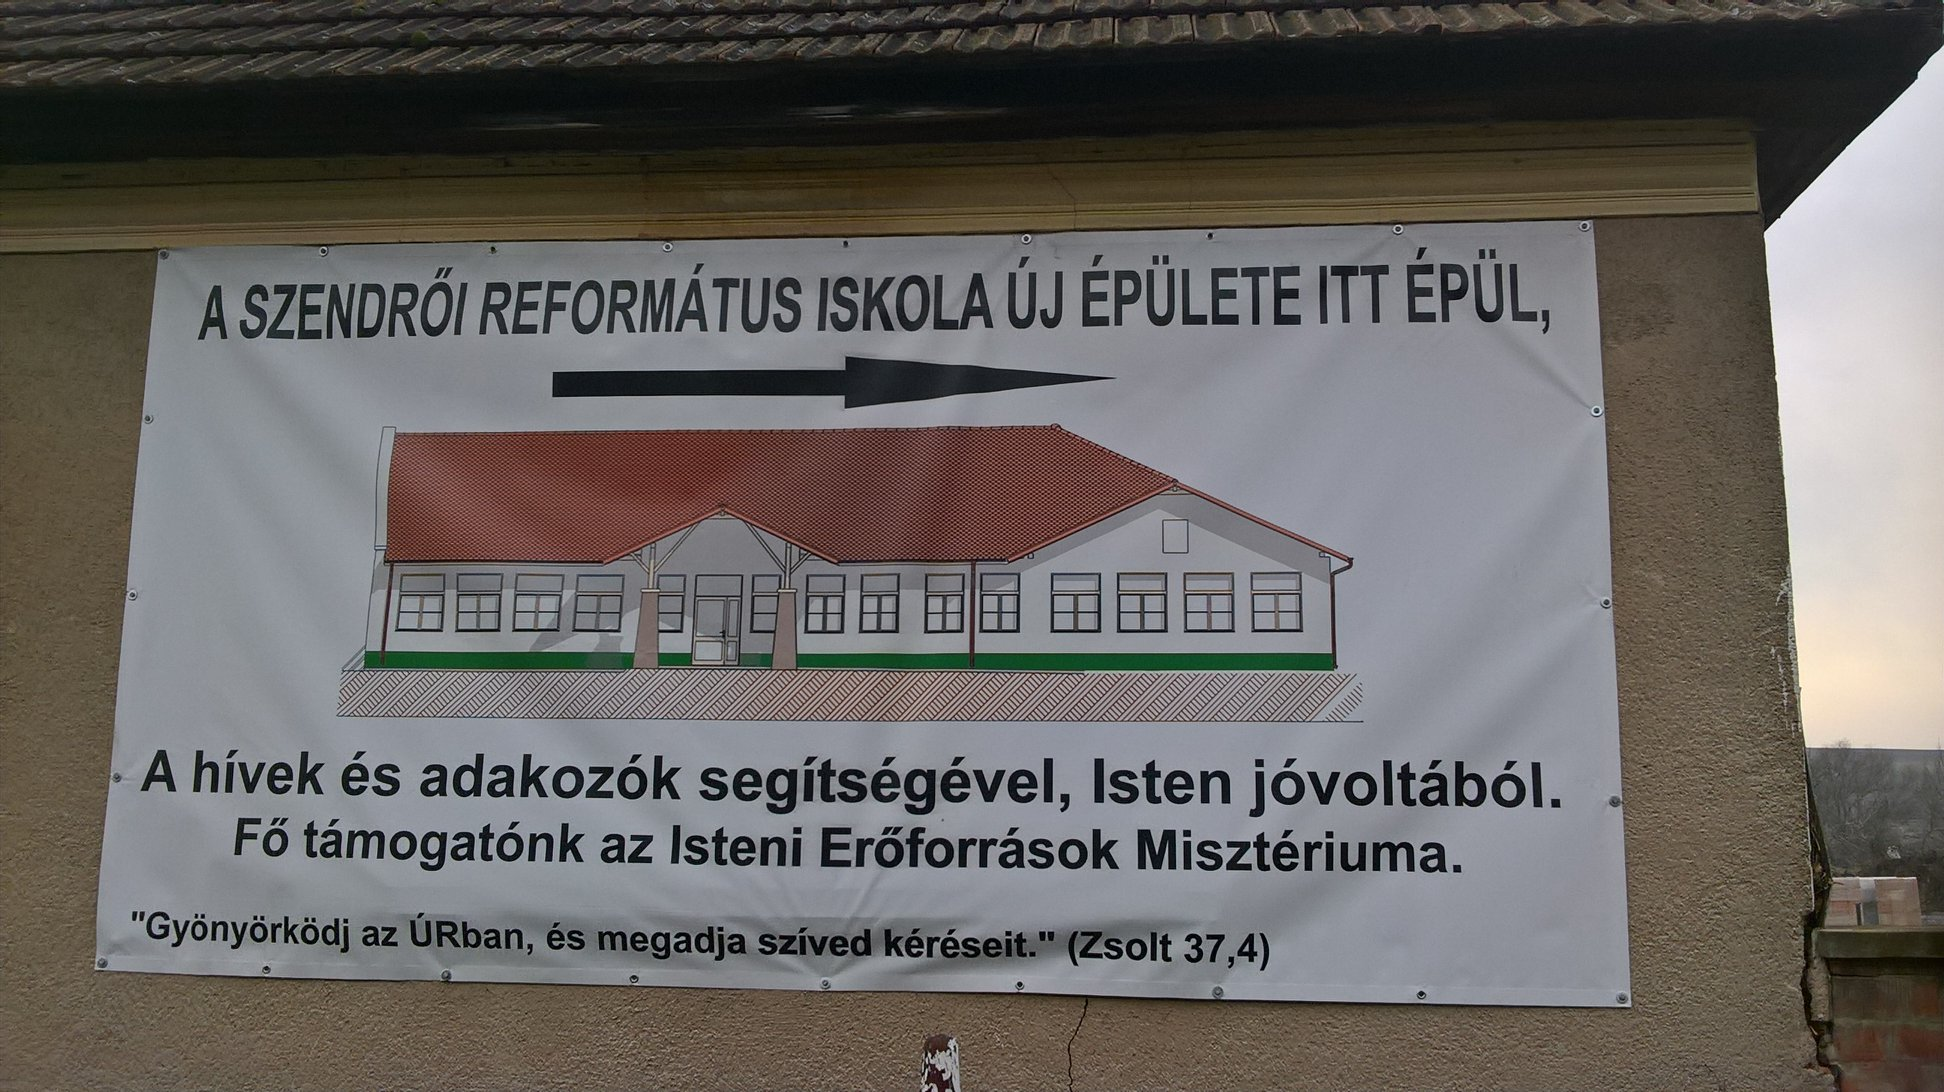 A Teremtő és a magyar kormány rovására sütöttek el egy ördögi szóviccet a szendrői reformátusok